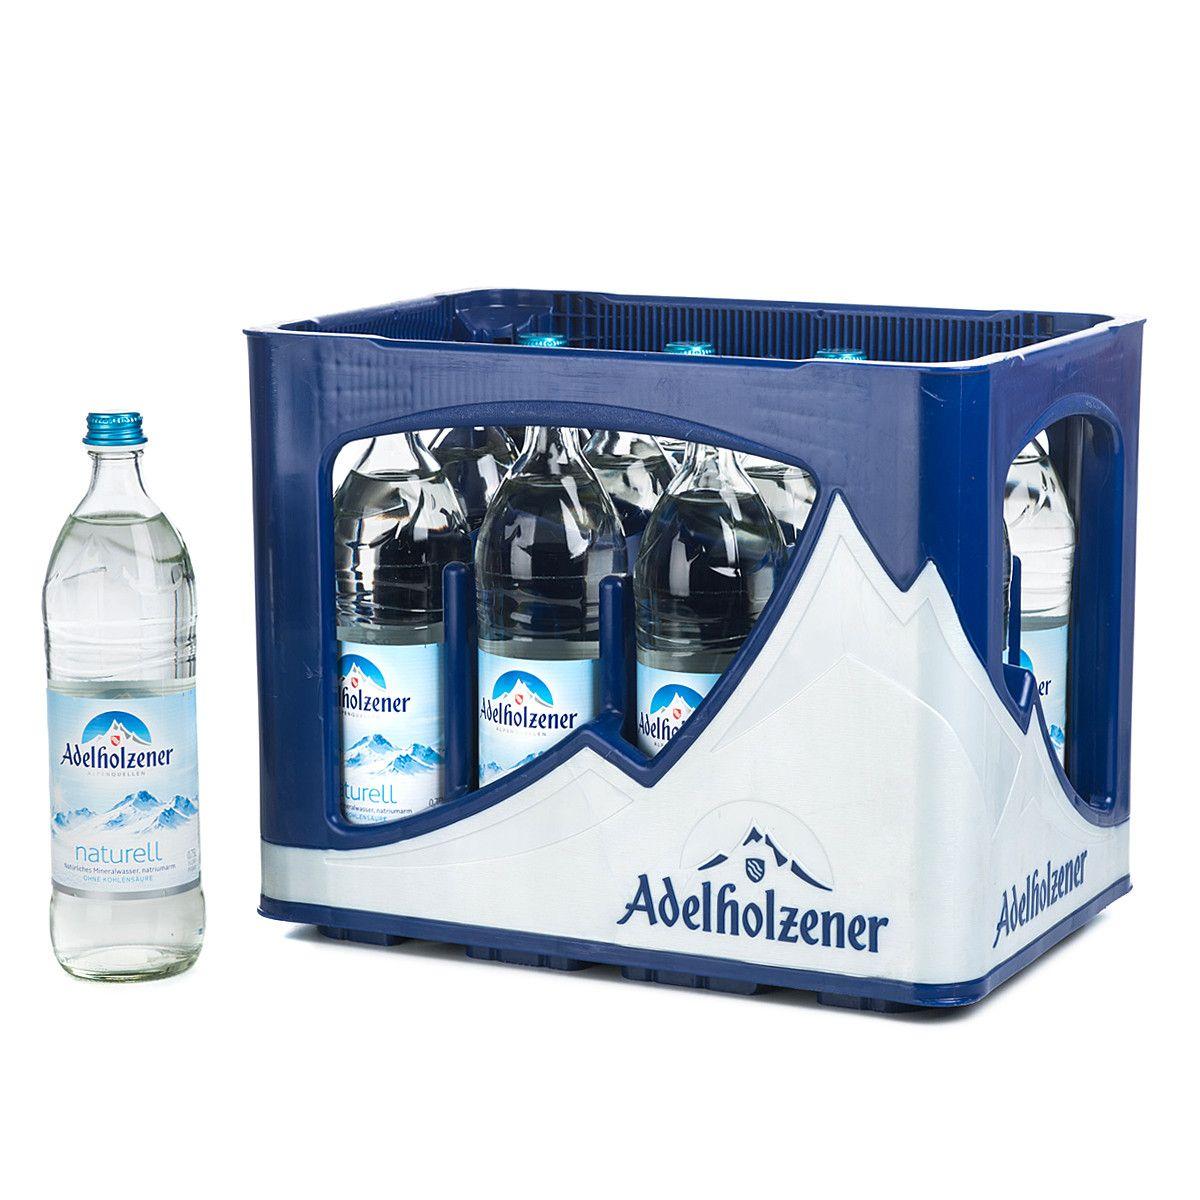 Kasten Adelholzener Naturell 12 x 0,75 Liter